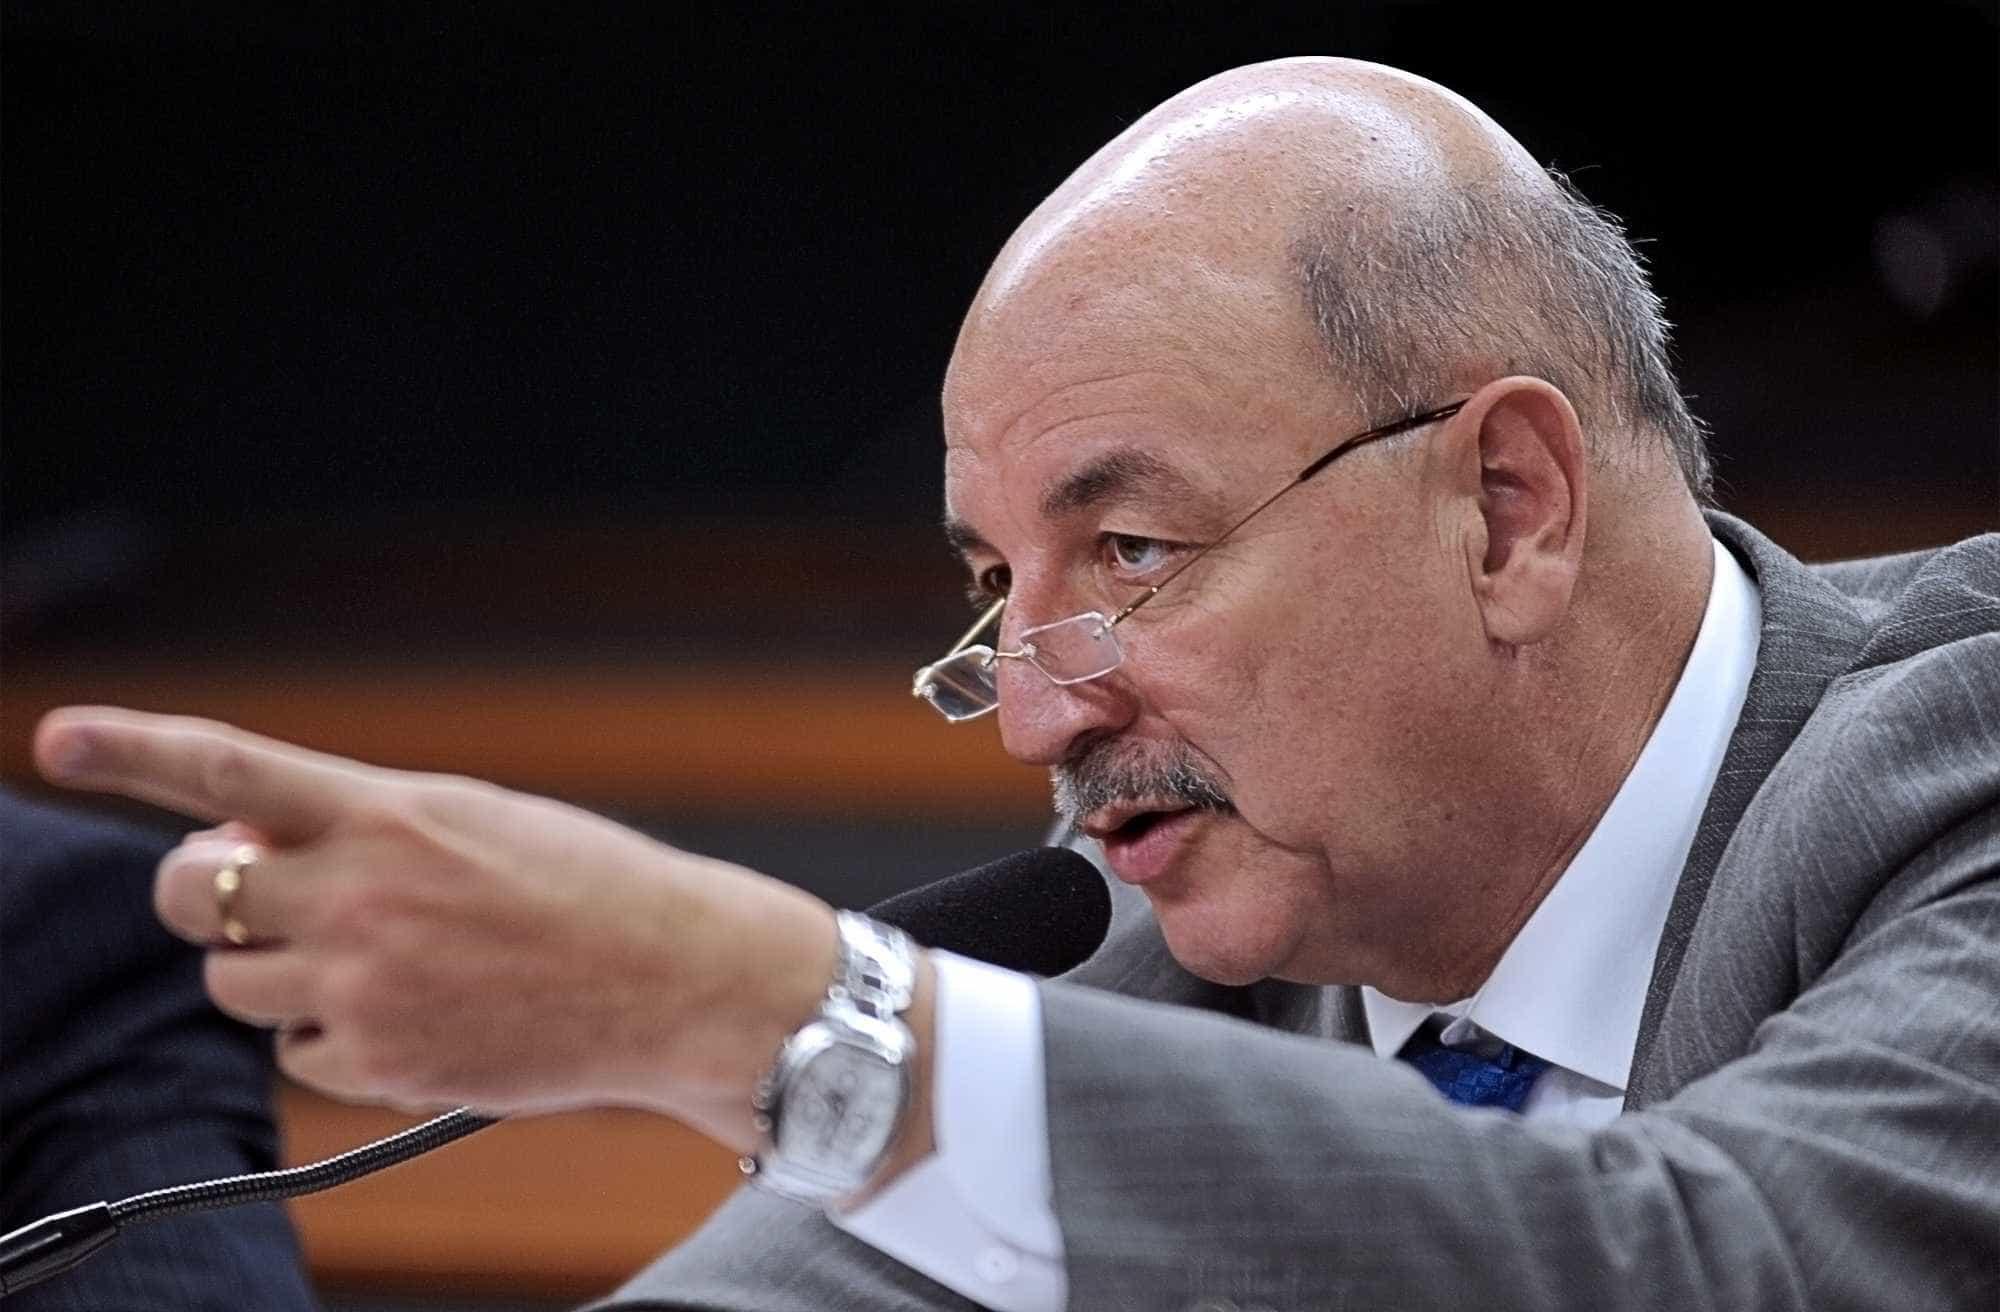 Ministros têm celulares clonados e bandidos roubam R$ 6 mil